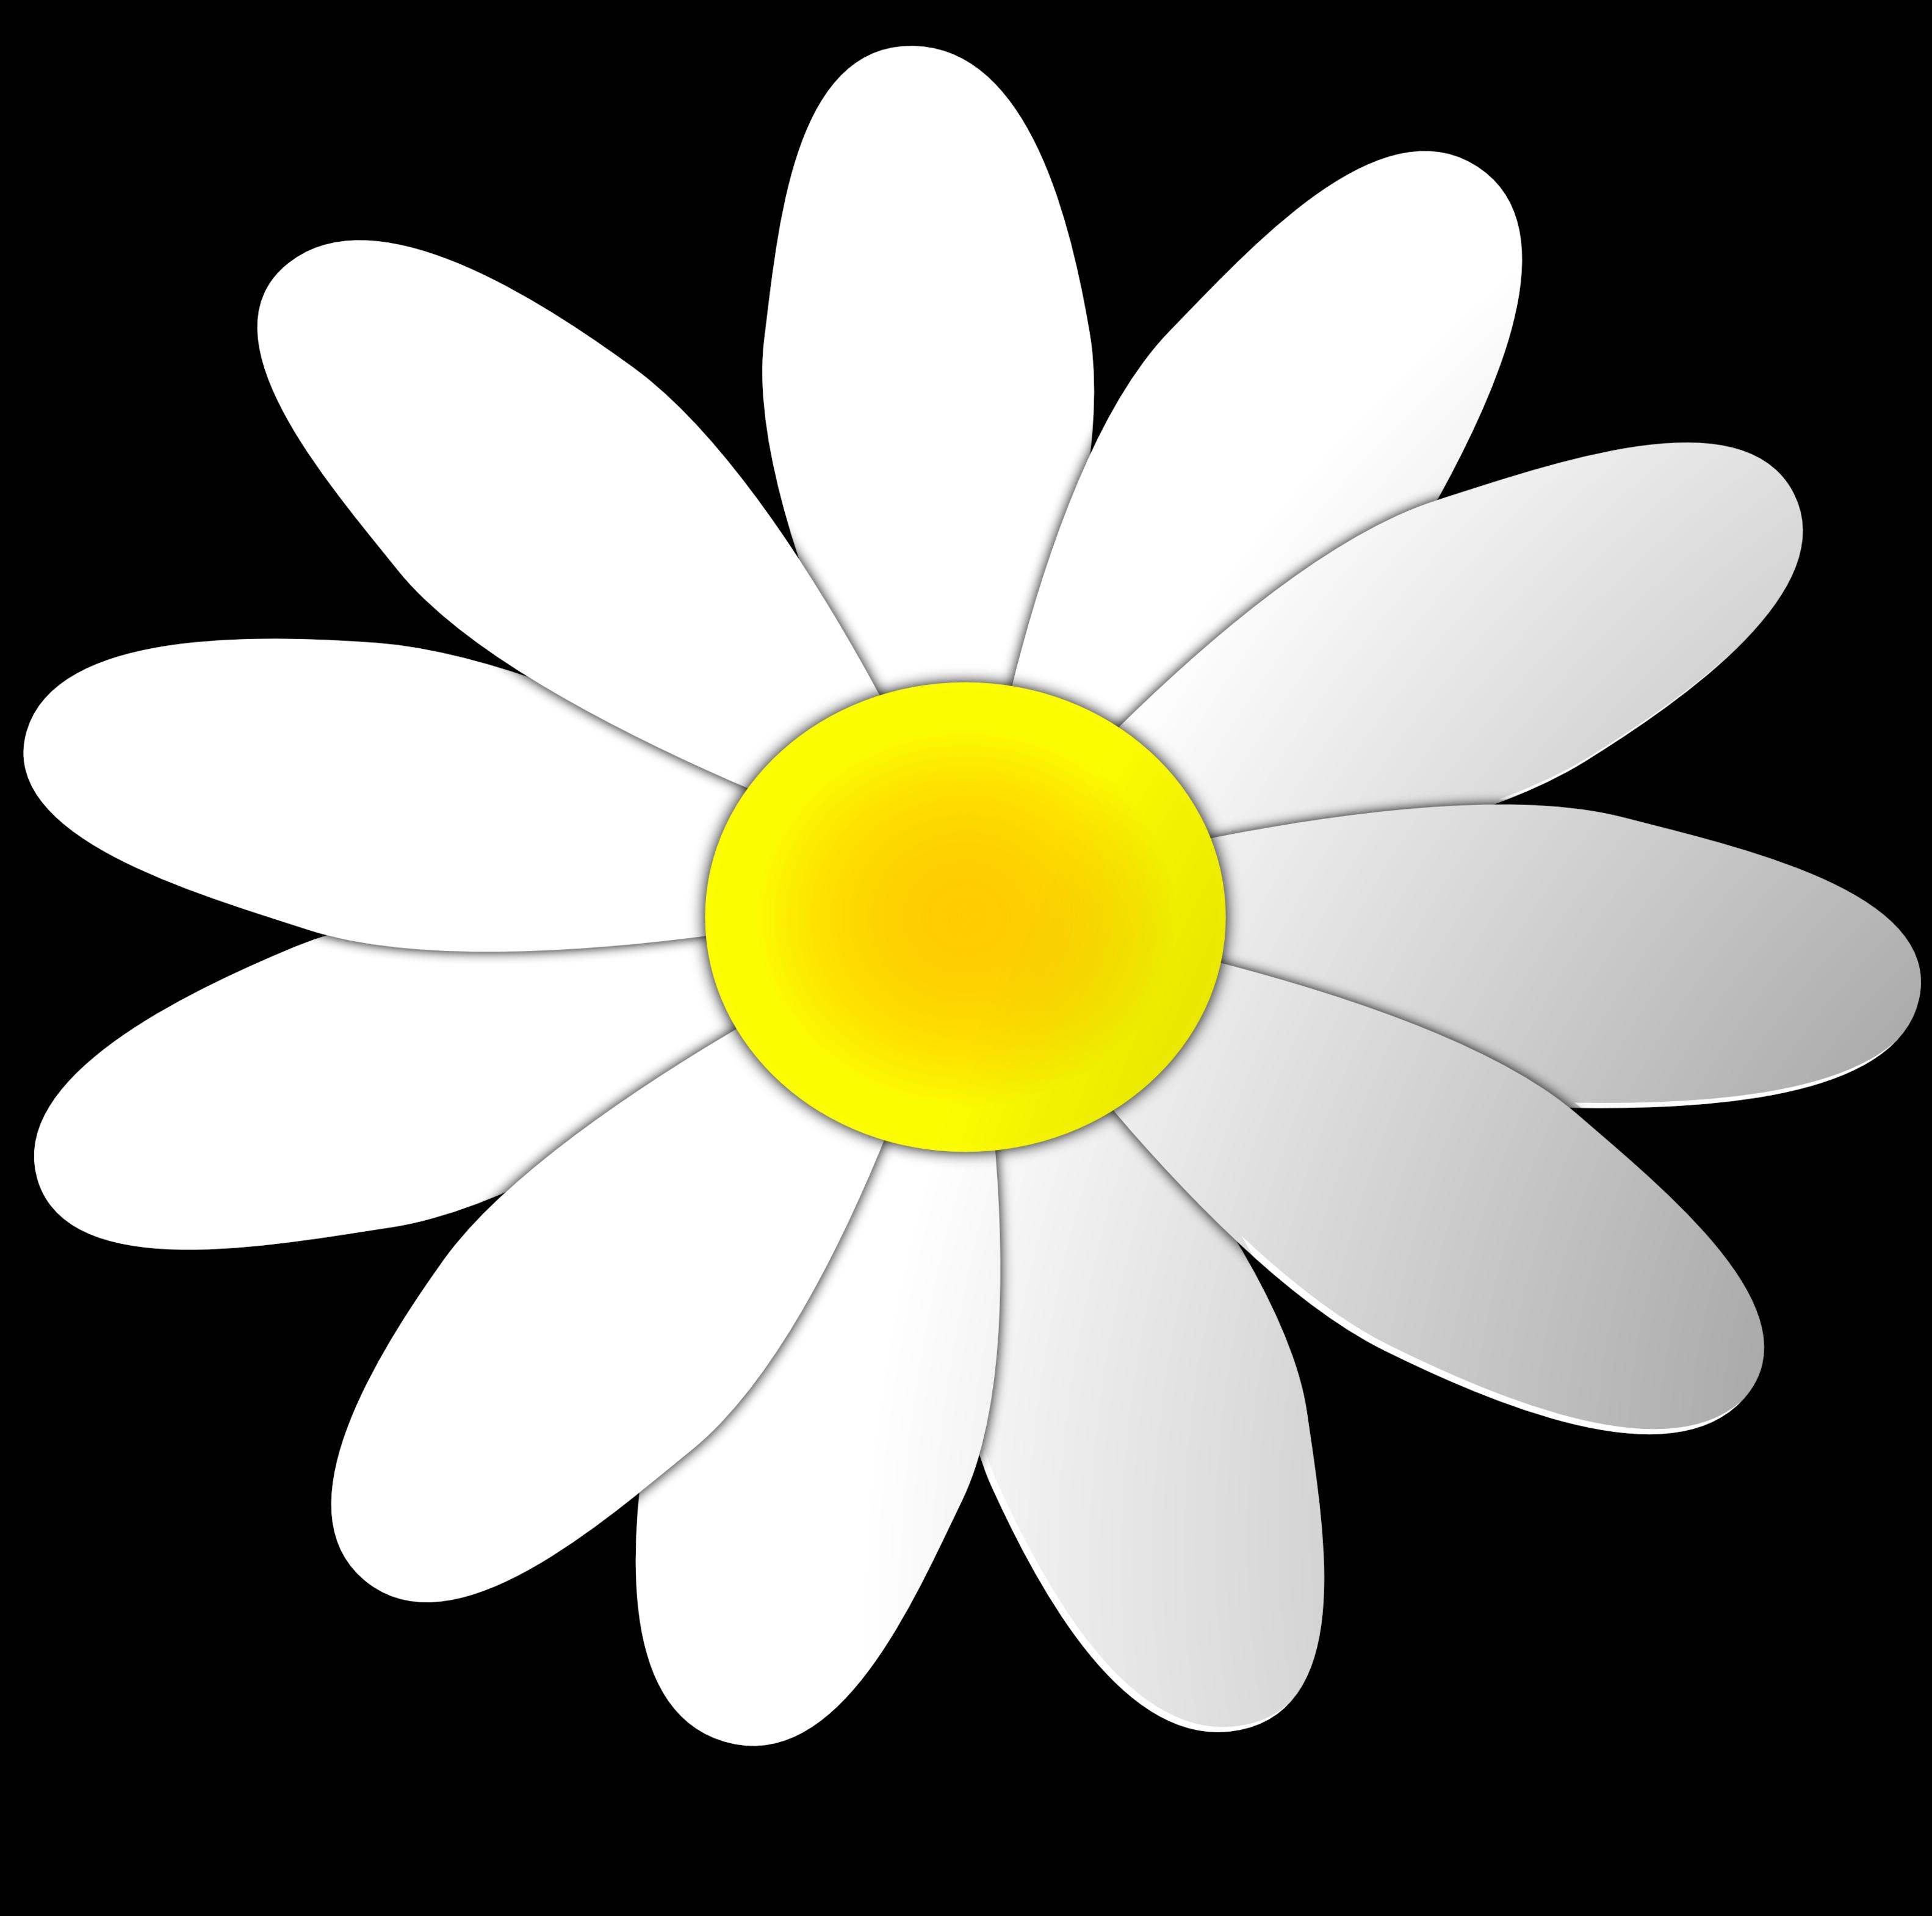 daisy clipart shasta daisy